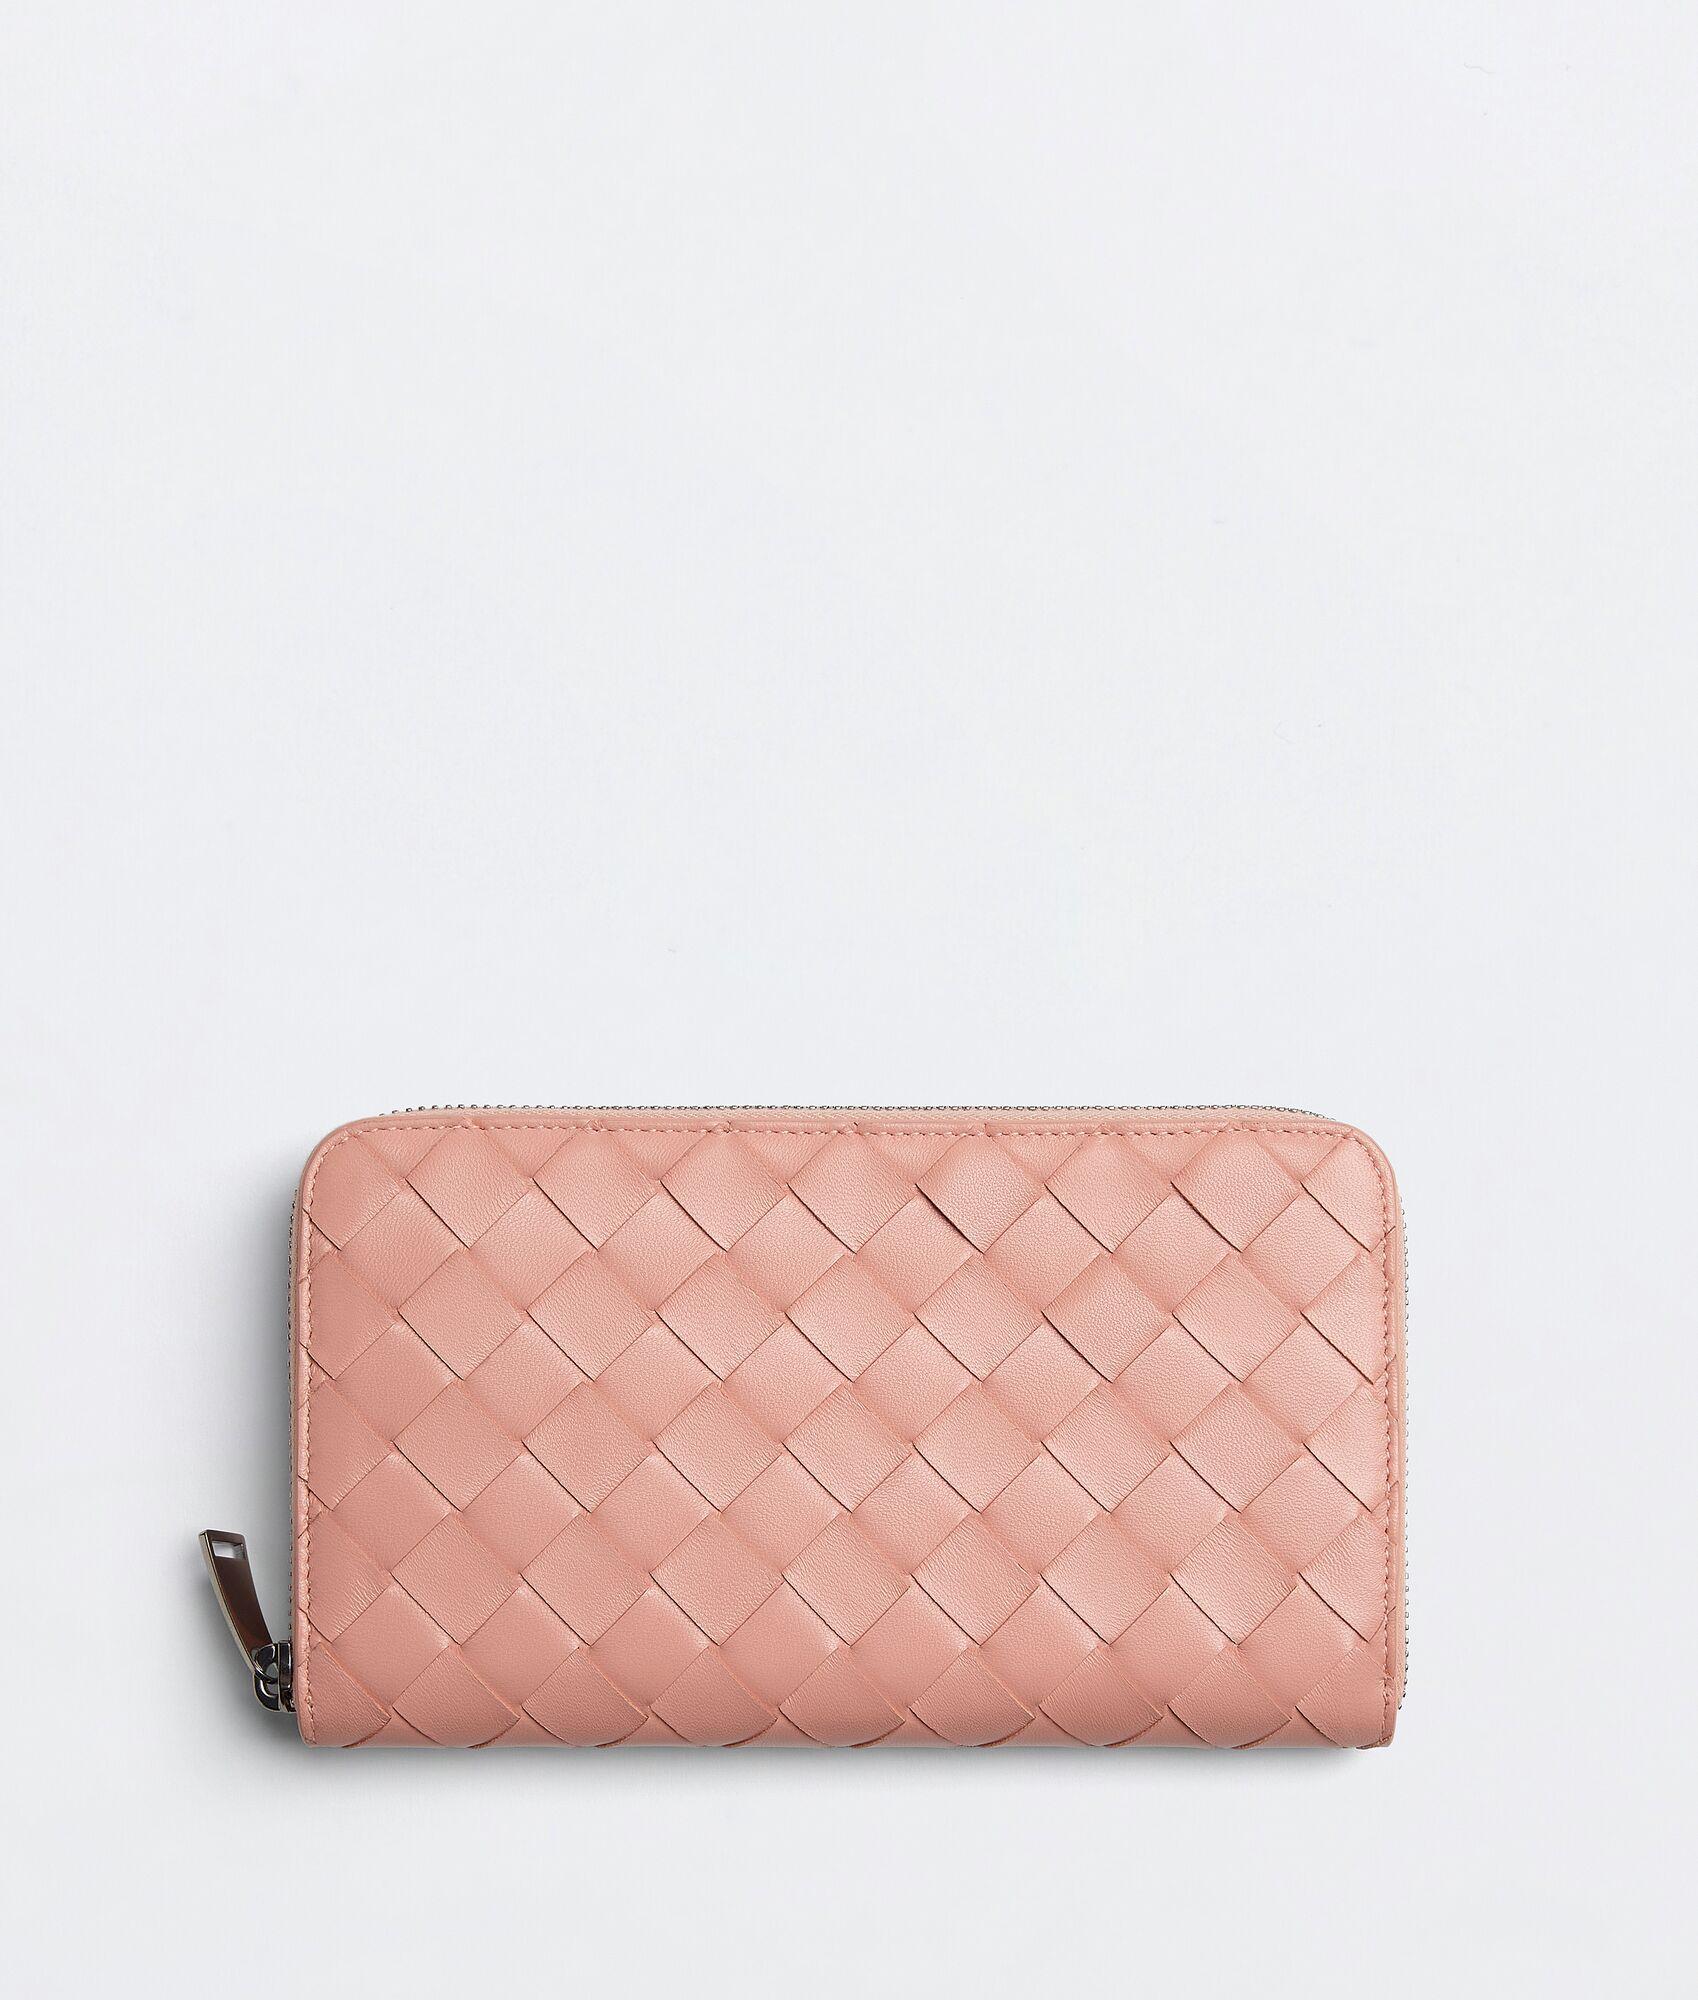 ボッテガヴェネタの人気レディース財布ラウンドファスナー